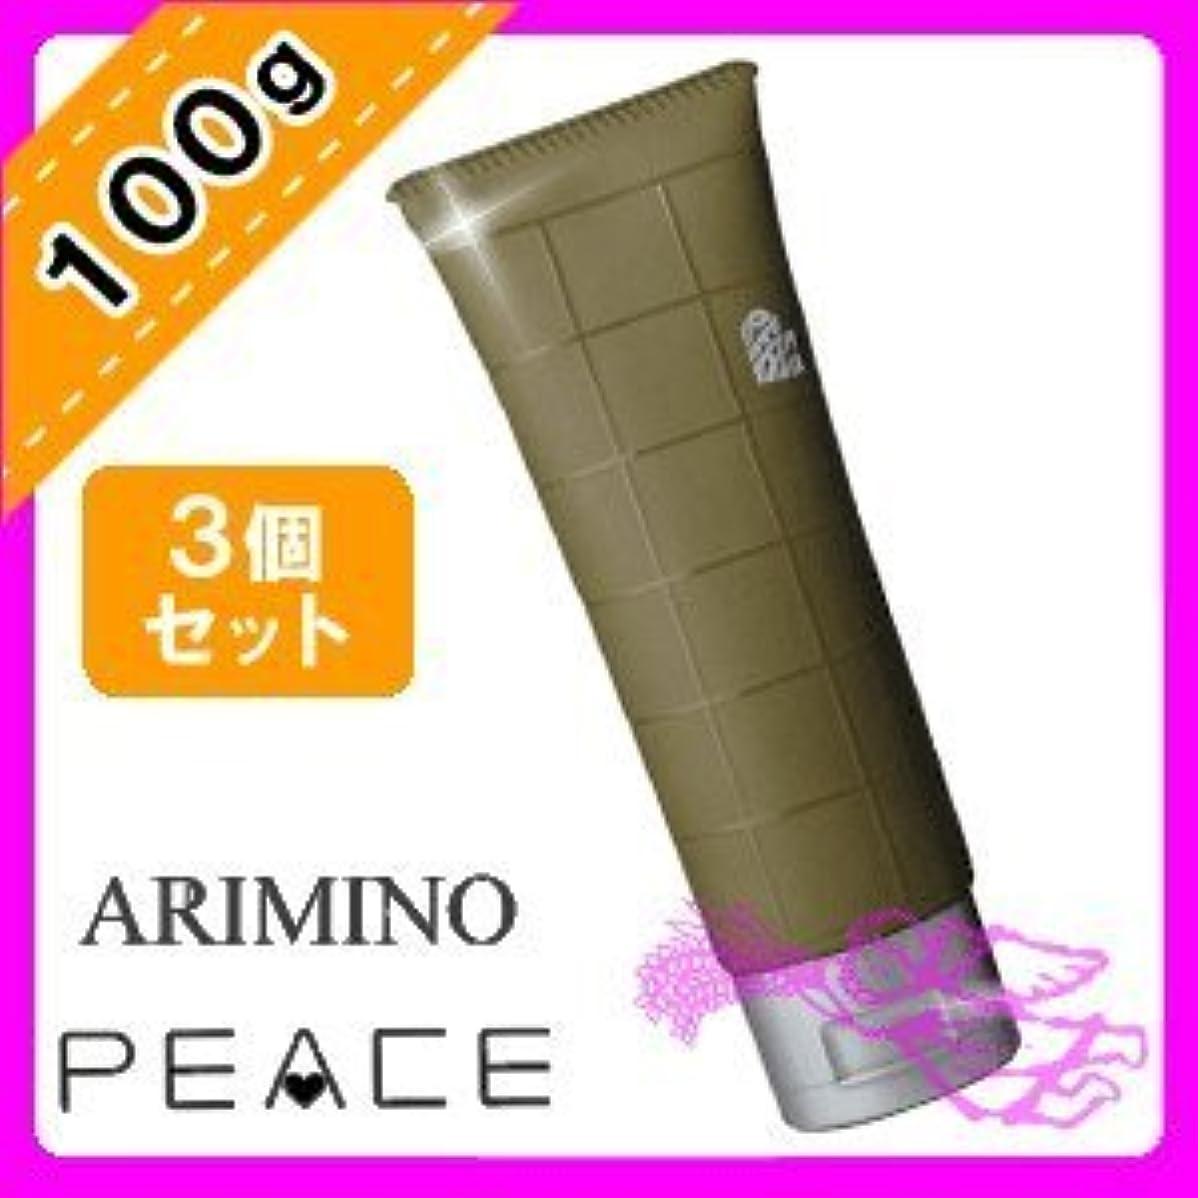 宝船宇宙船アリミノ ピース ウェットオイル ワックス 100g ×3個セット arimino PEACE